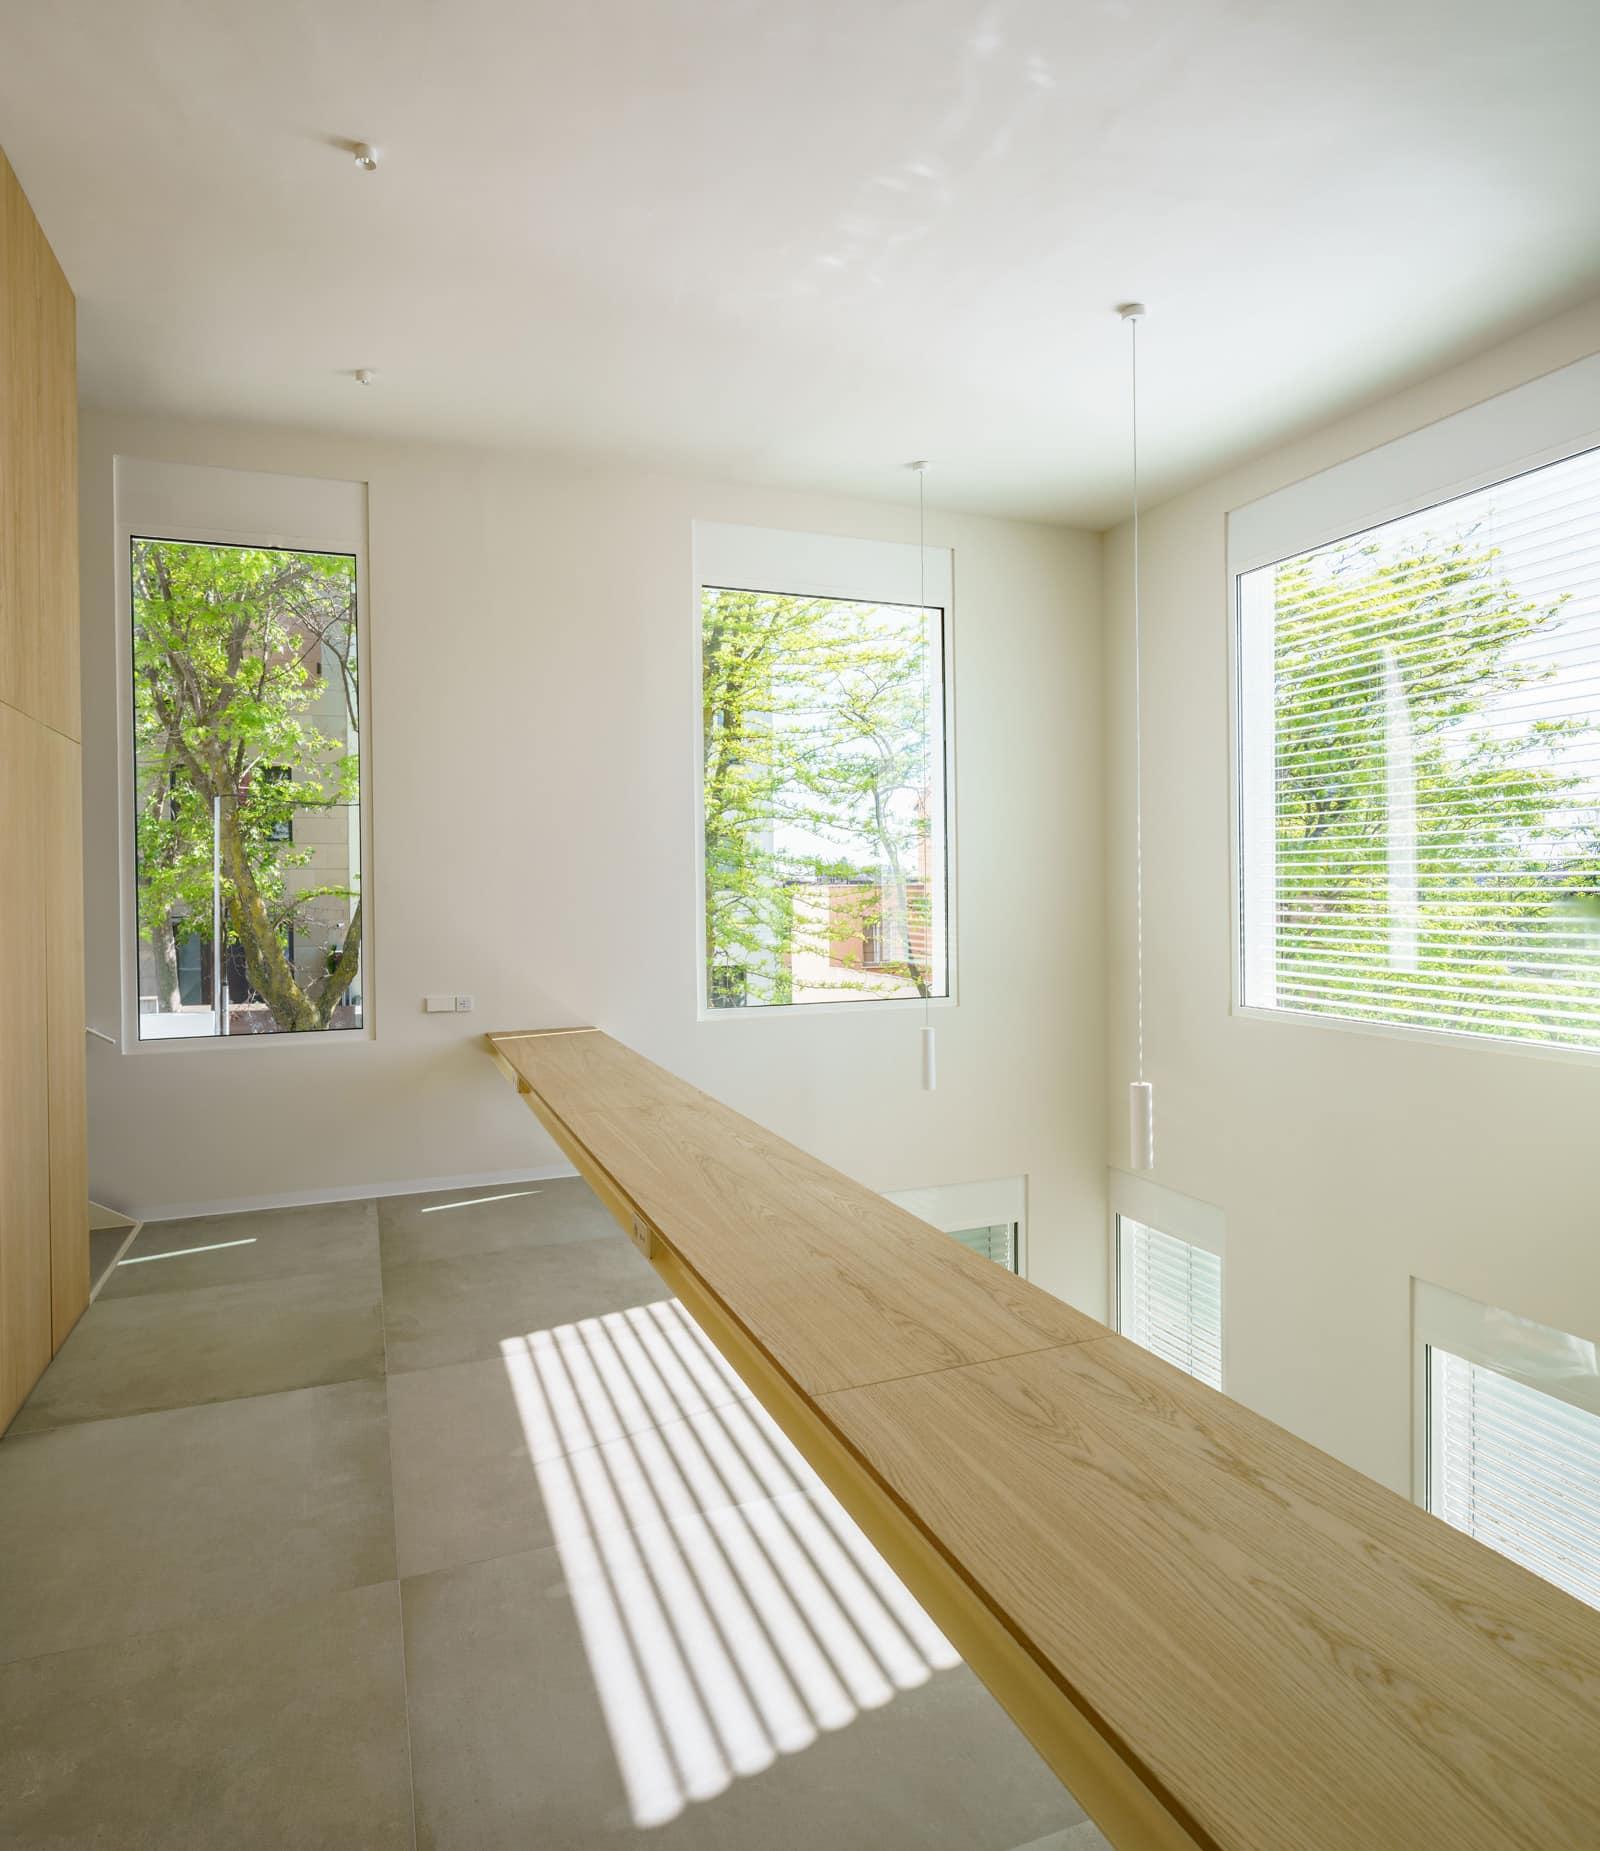 Woodcase House  - 20210907 AyllonParadelaDeAndres Woodcase 08 46